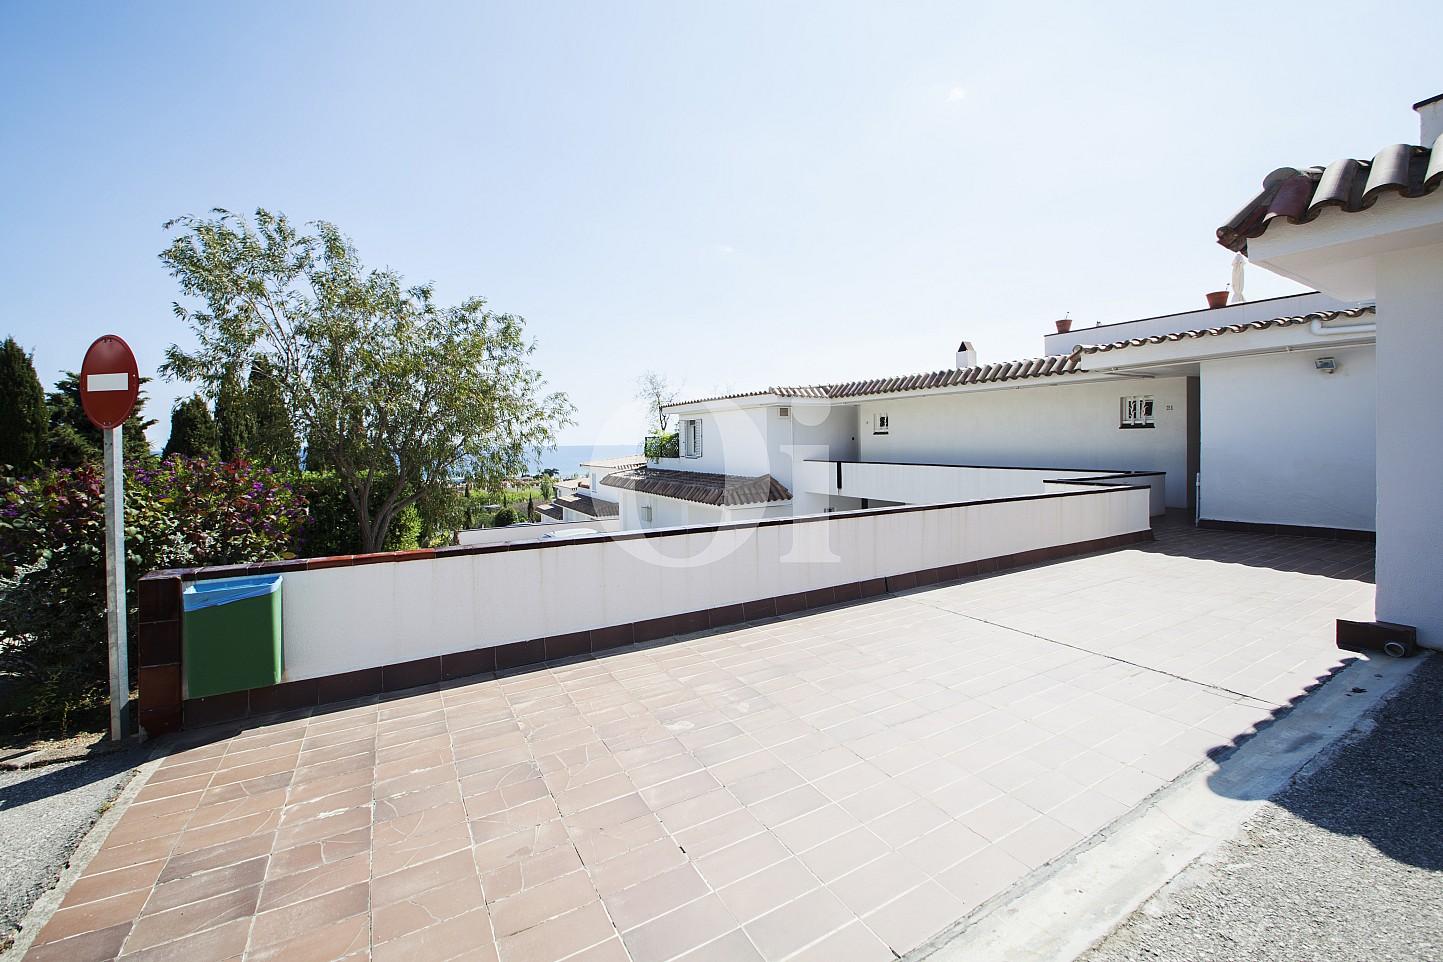 Garage de l'ático en vente à Sant Vicenç de Montalt